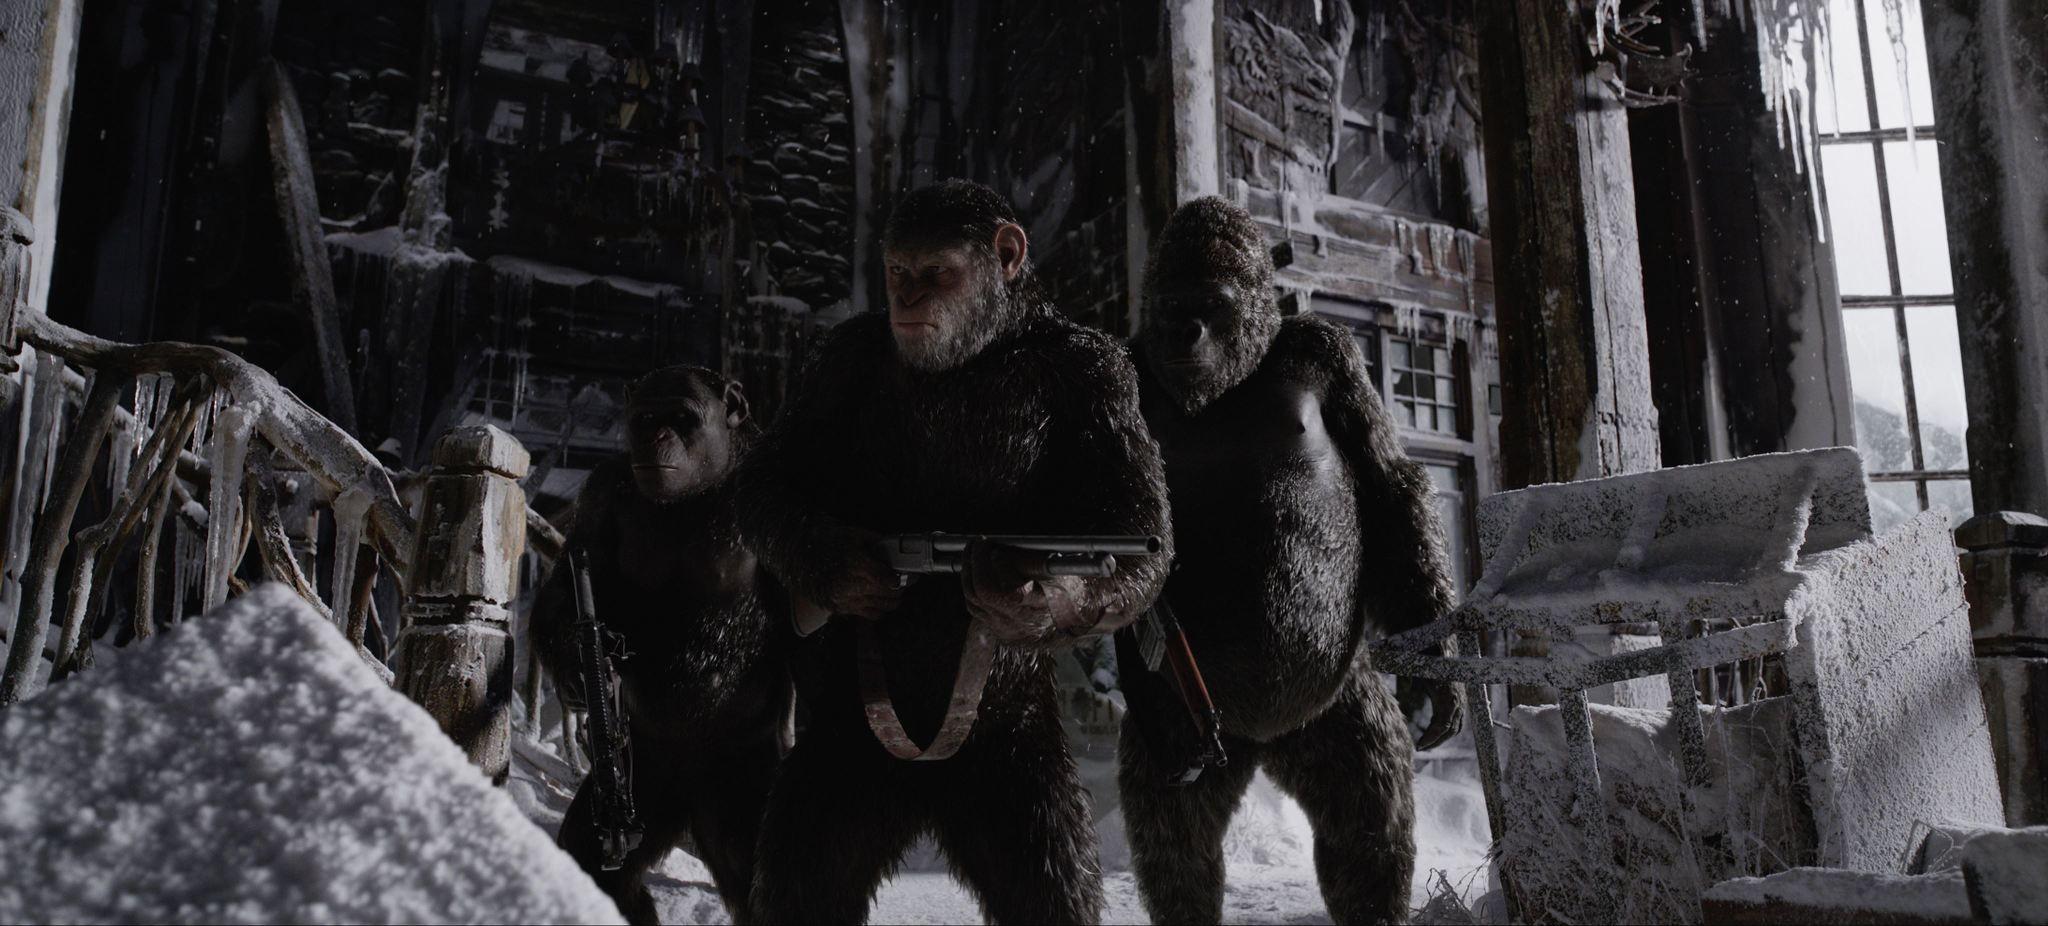 《猩球崛起:終極決戰》。(圖/福斯提供)